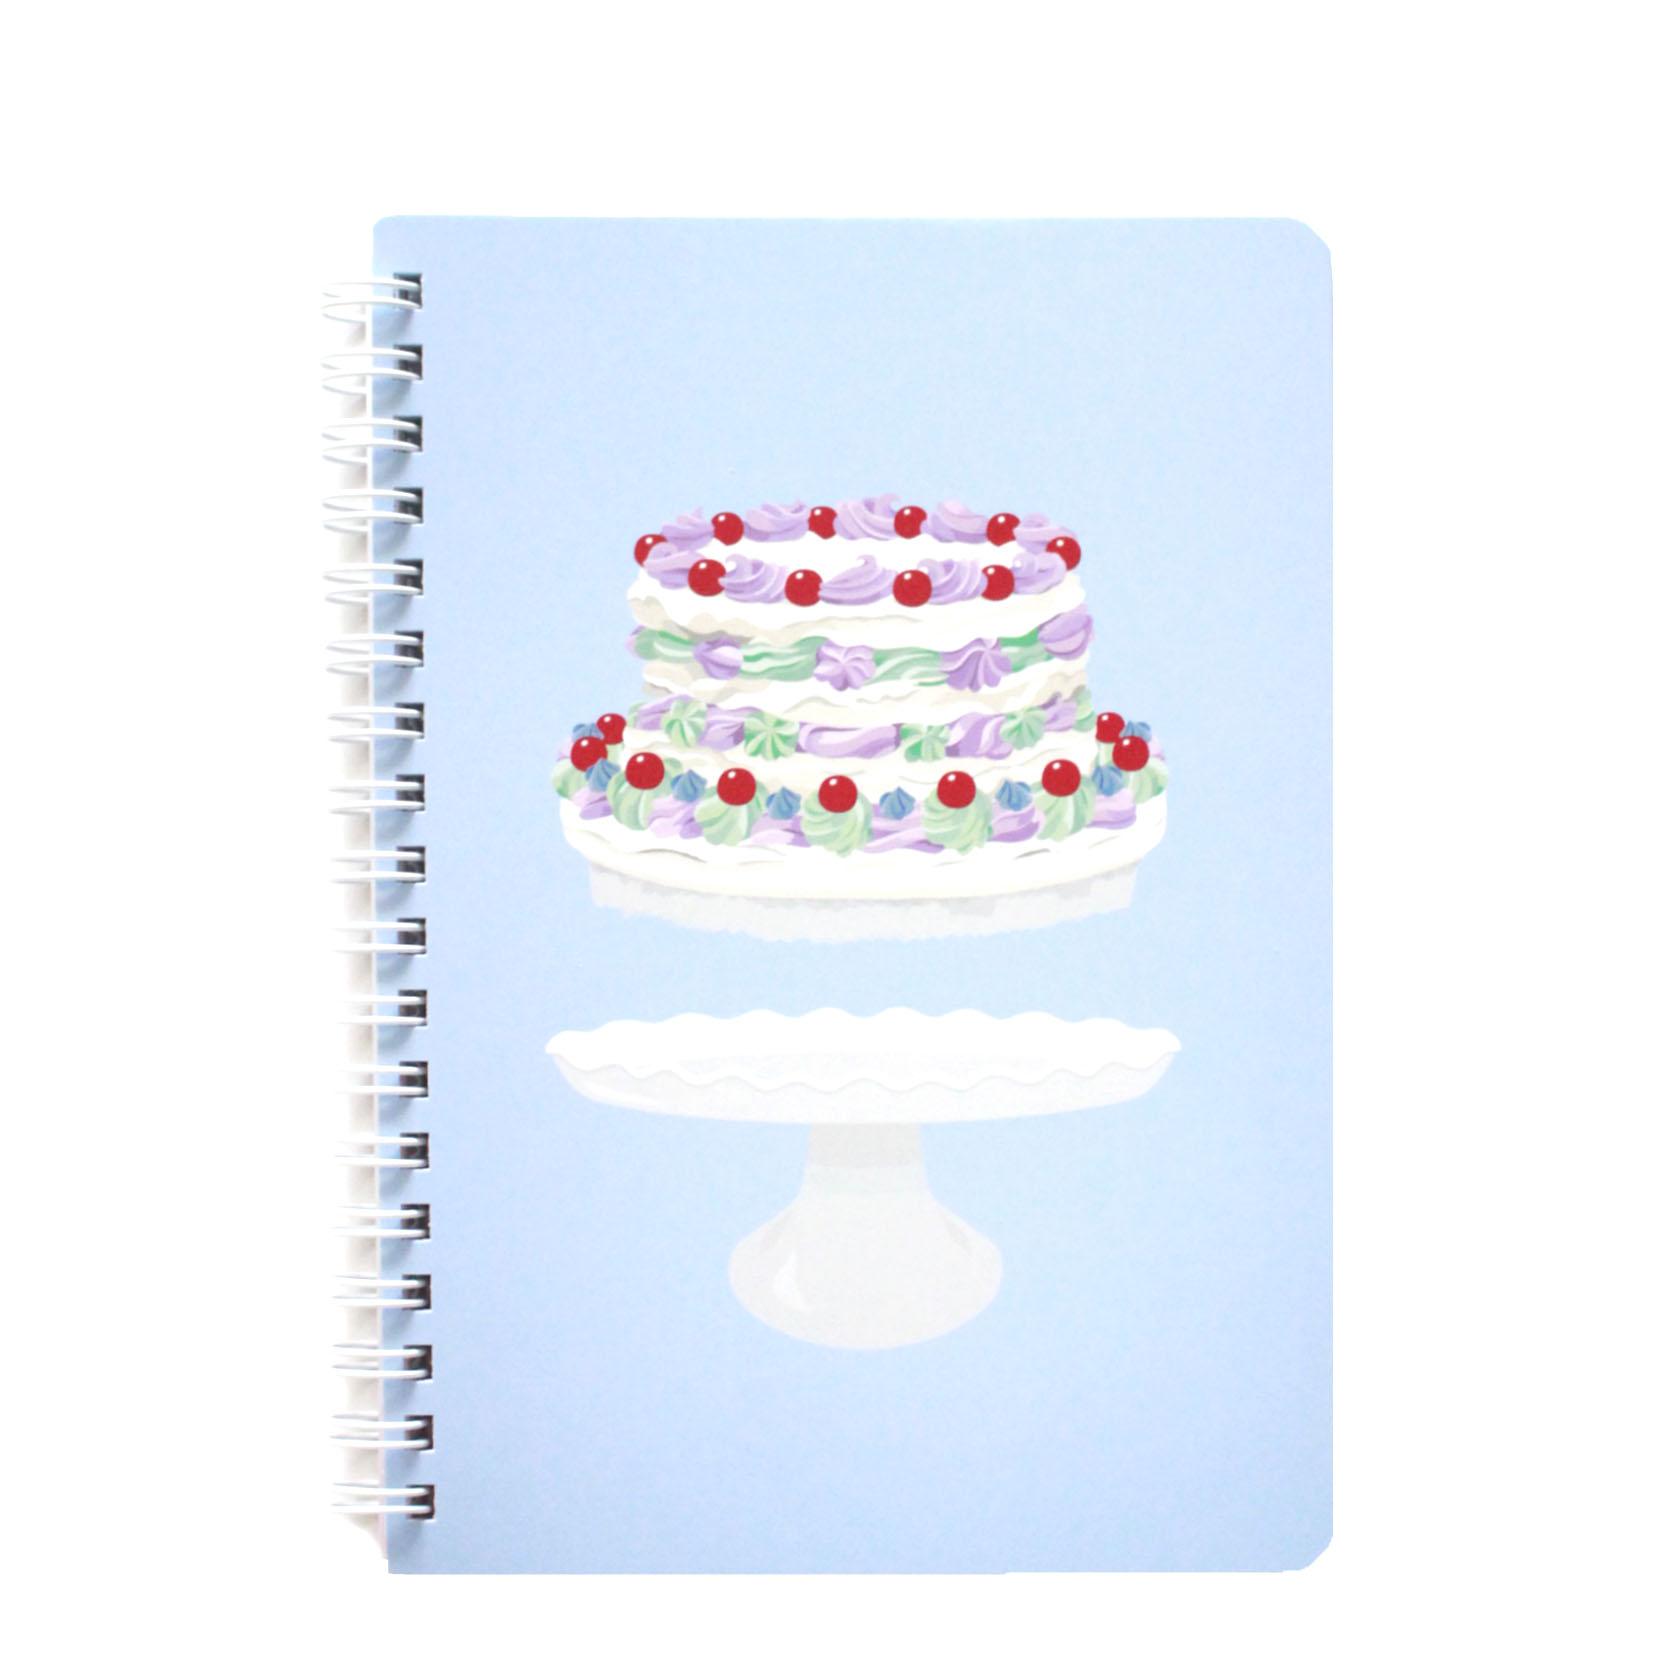 HP B6リングノート Floating cake